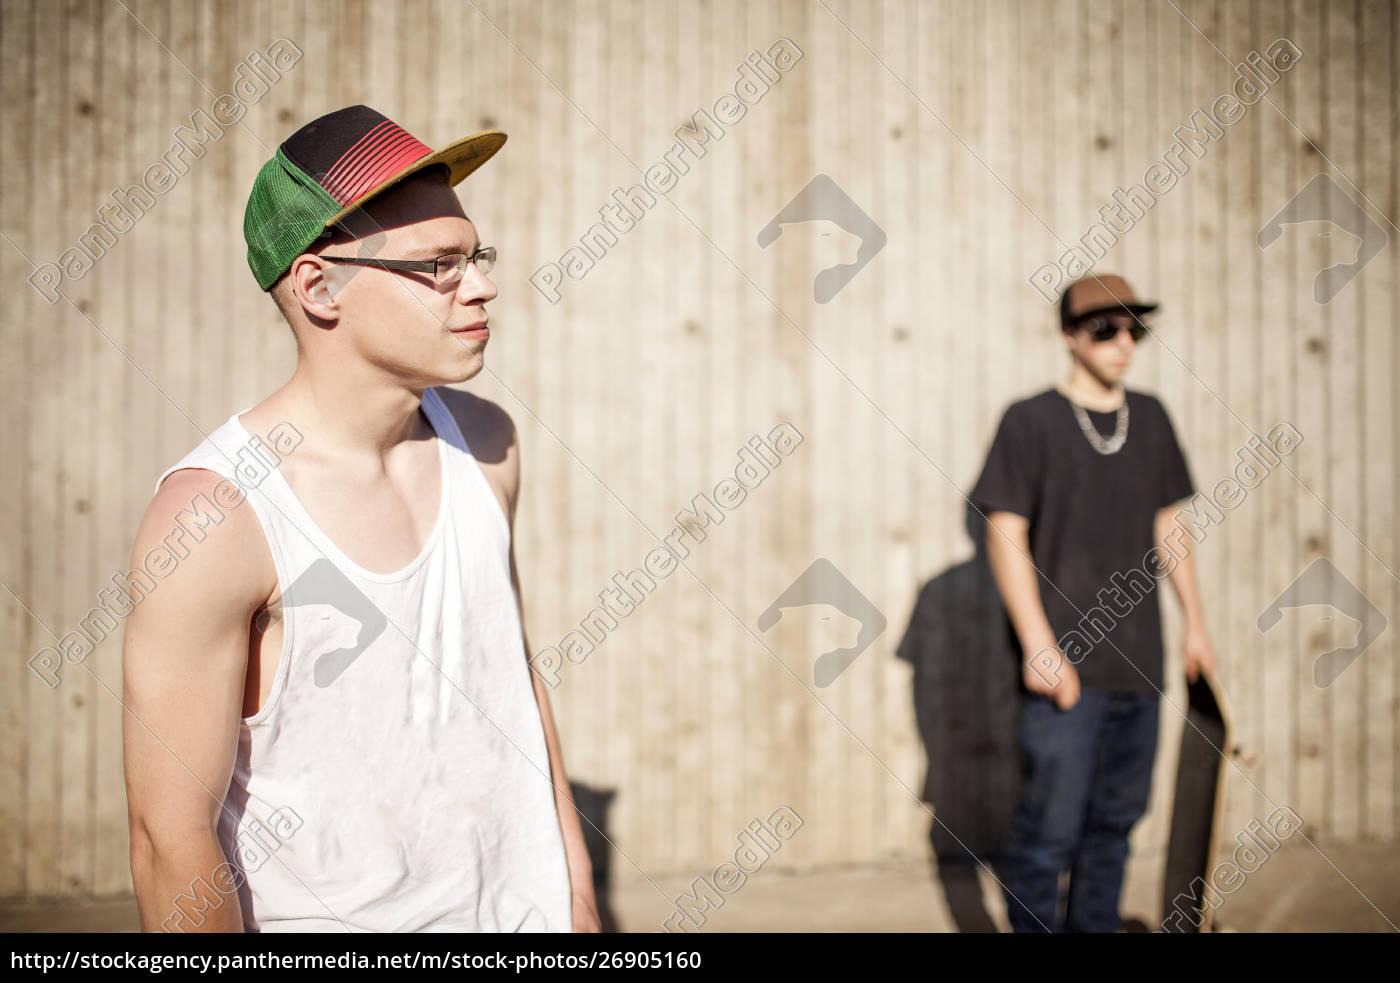 kaukasische, männer, mit, skateboards, in, der - 26905160